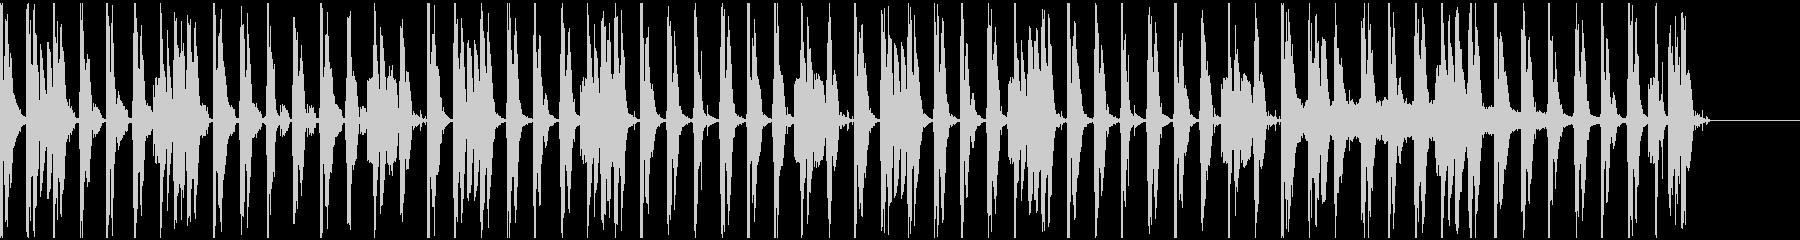 【エレクトロニカ】ロング5、ジングル2の未再生の波形